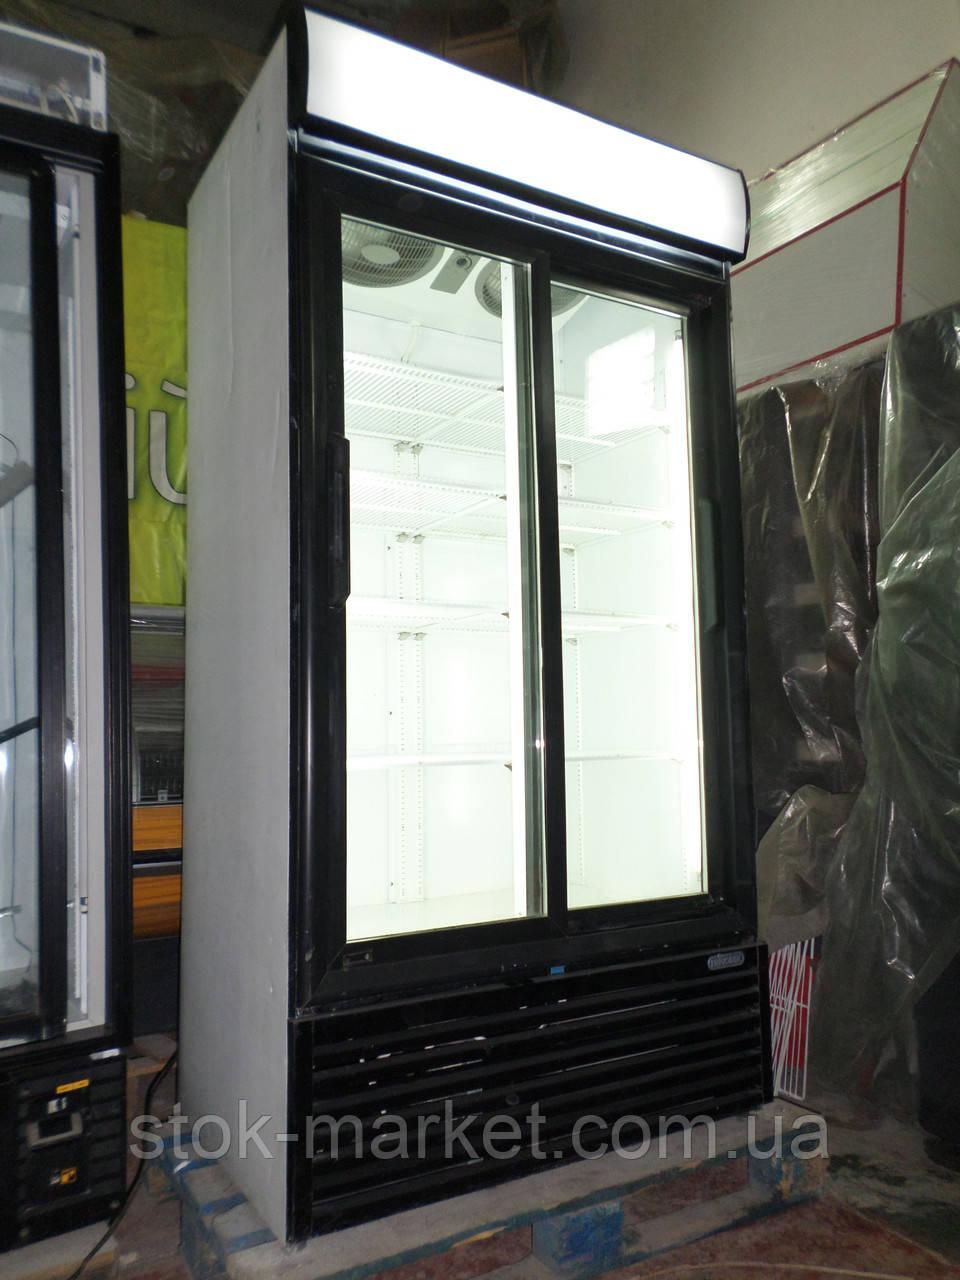 Холодильный шкаф Frigorex FVS 1000 б/у, Холодильный шкаф б у, холодильная камера б у, холодильная витрина б у,